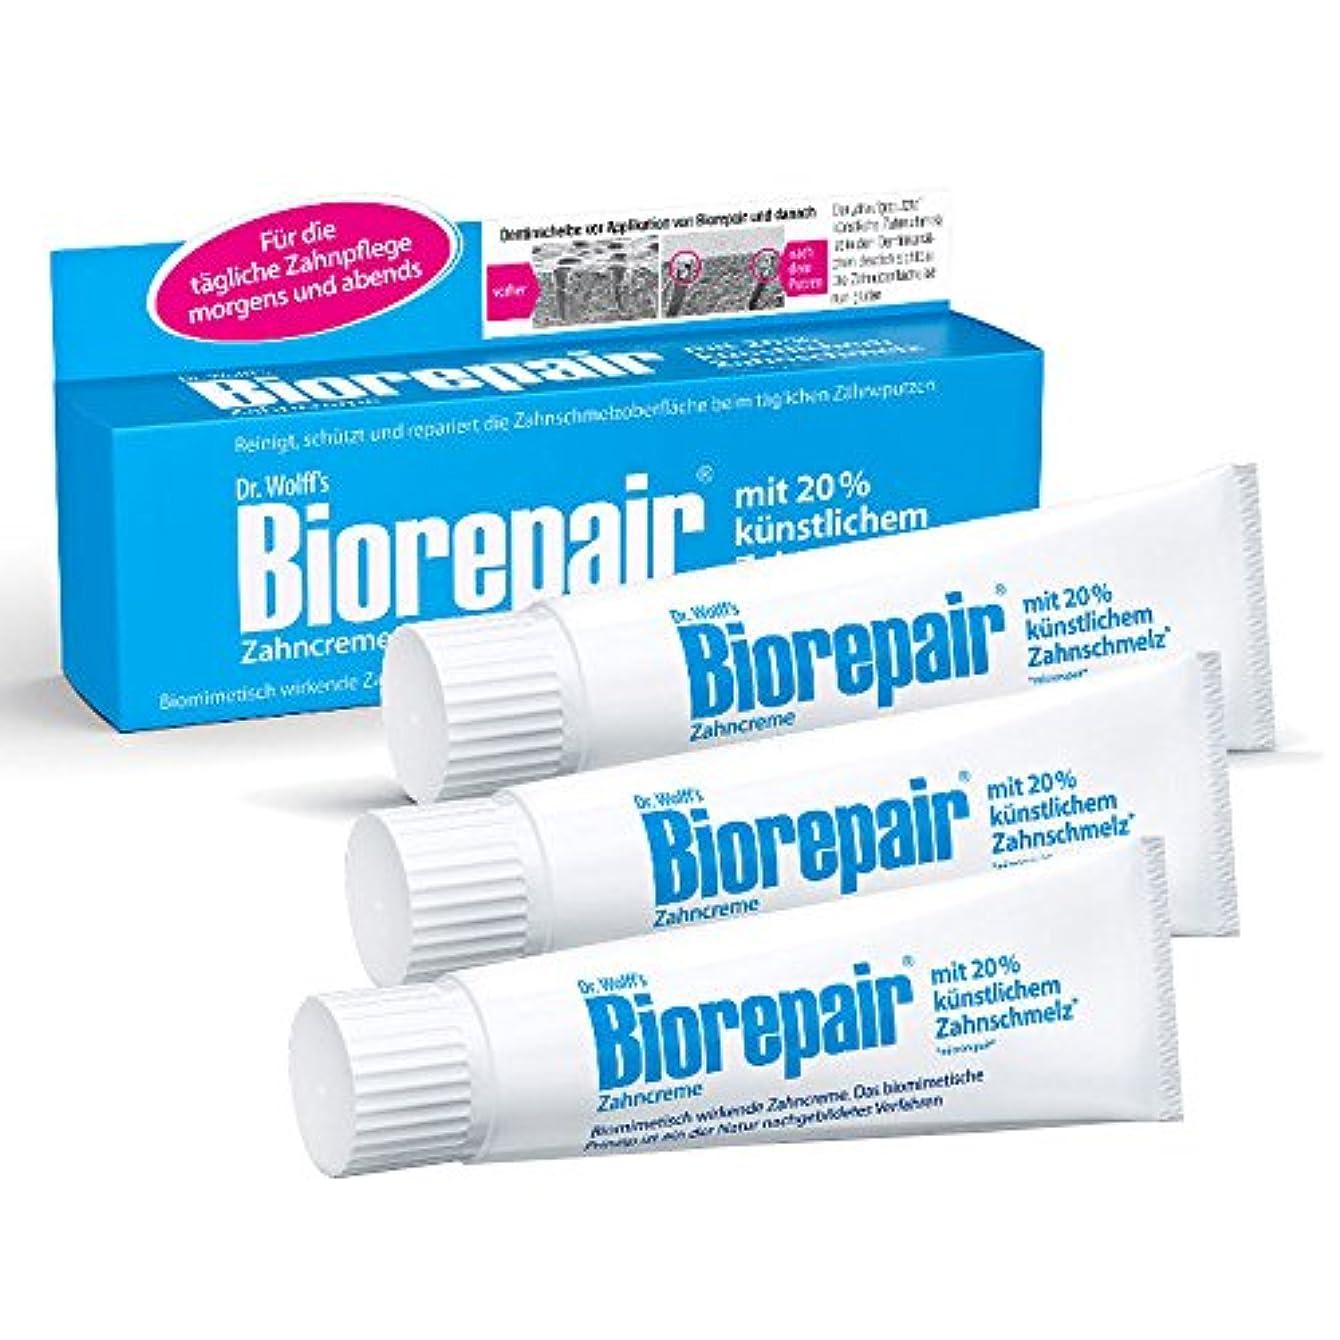 トマトバレーボール反動Biorepair 歯磨き粉オリジナル、75ml 歯の保護 耐摩耗性 x 3 [並行輸入品]